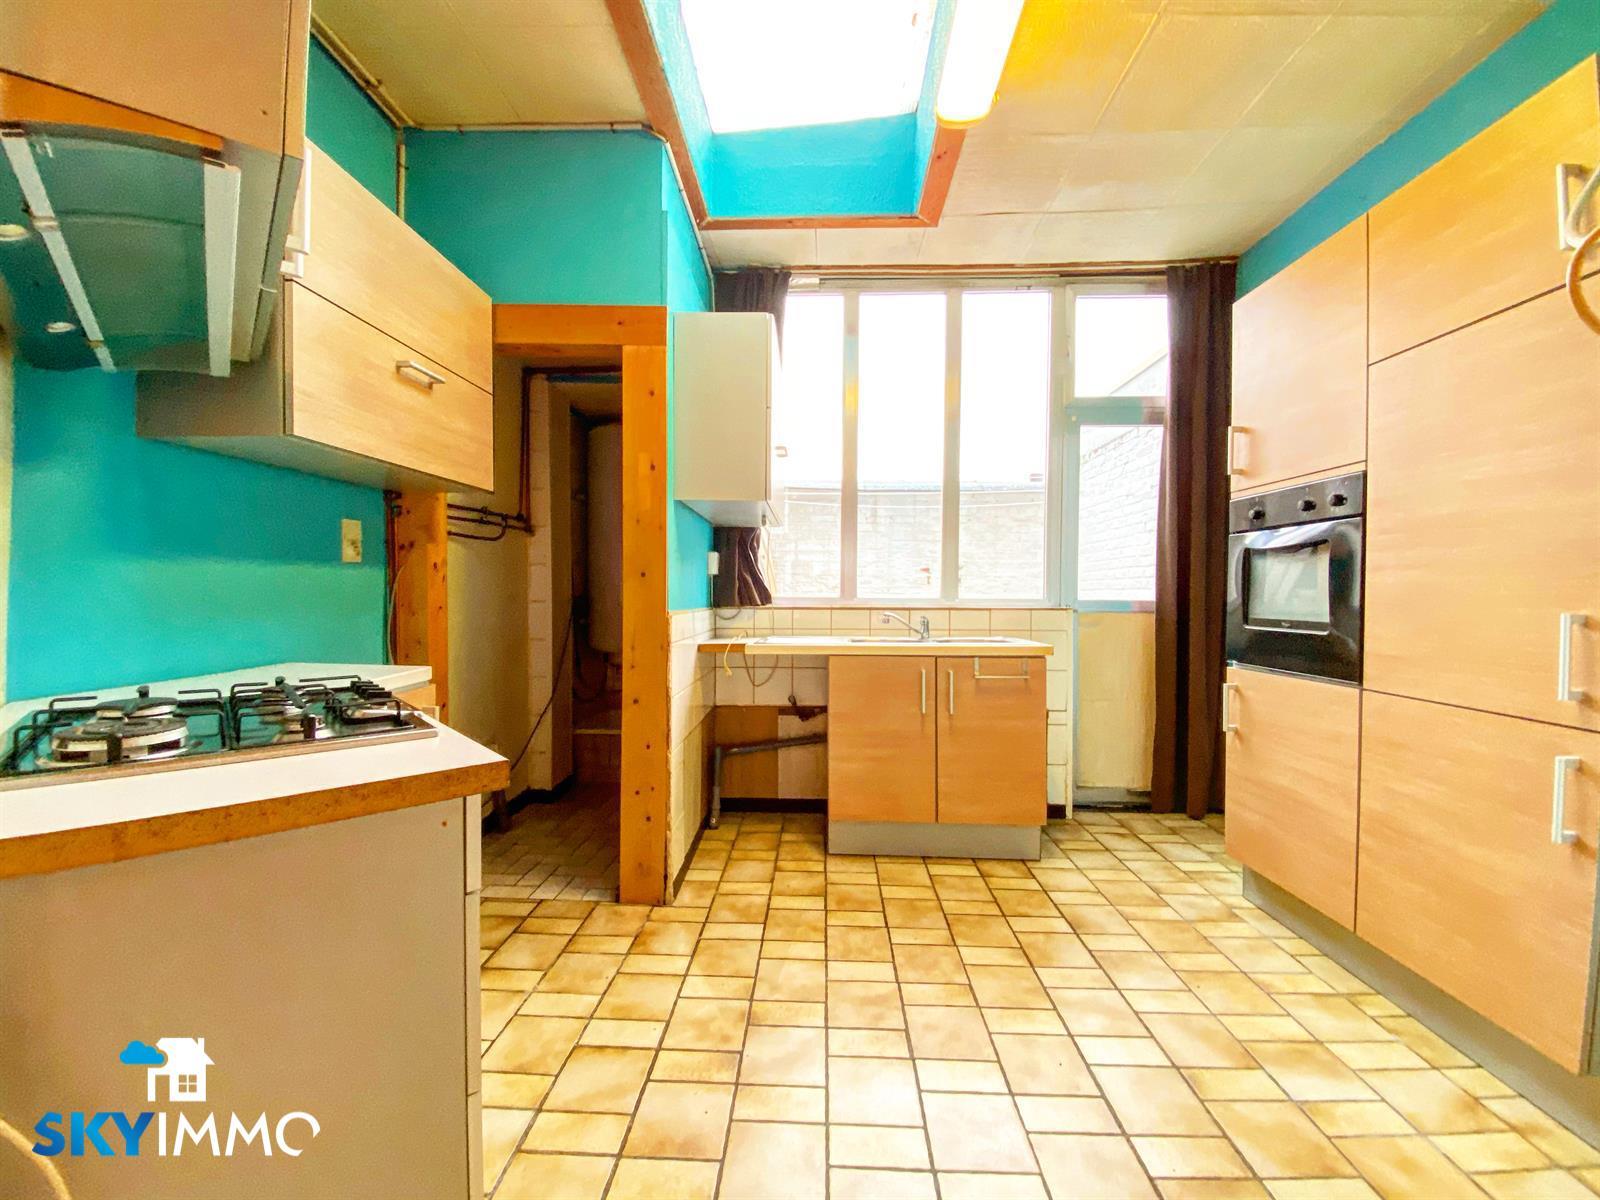 Maison - Liege - #4157610-3